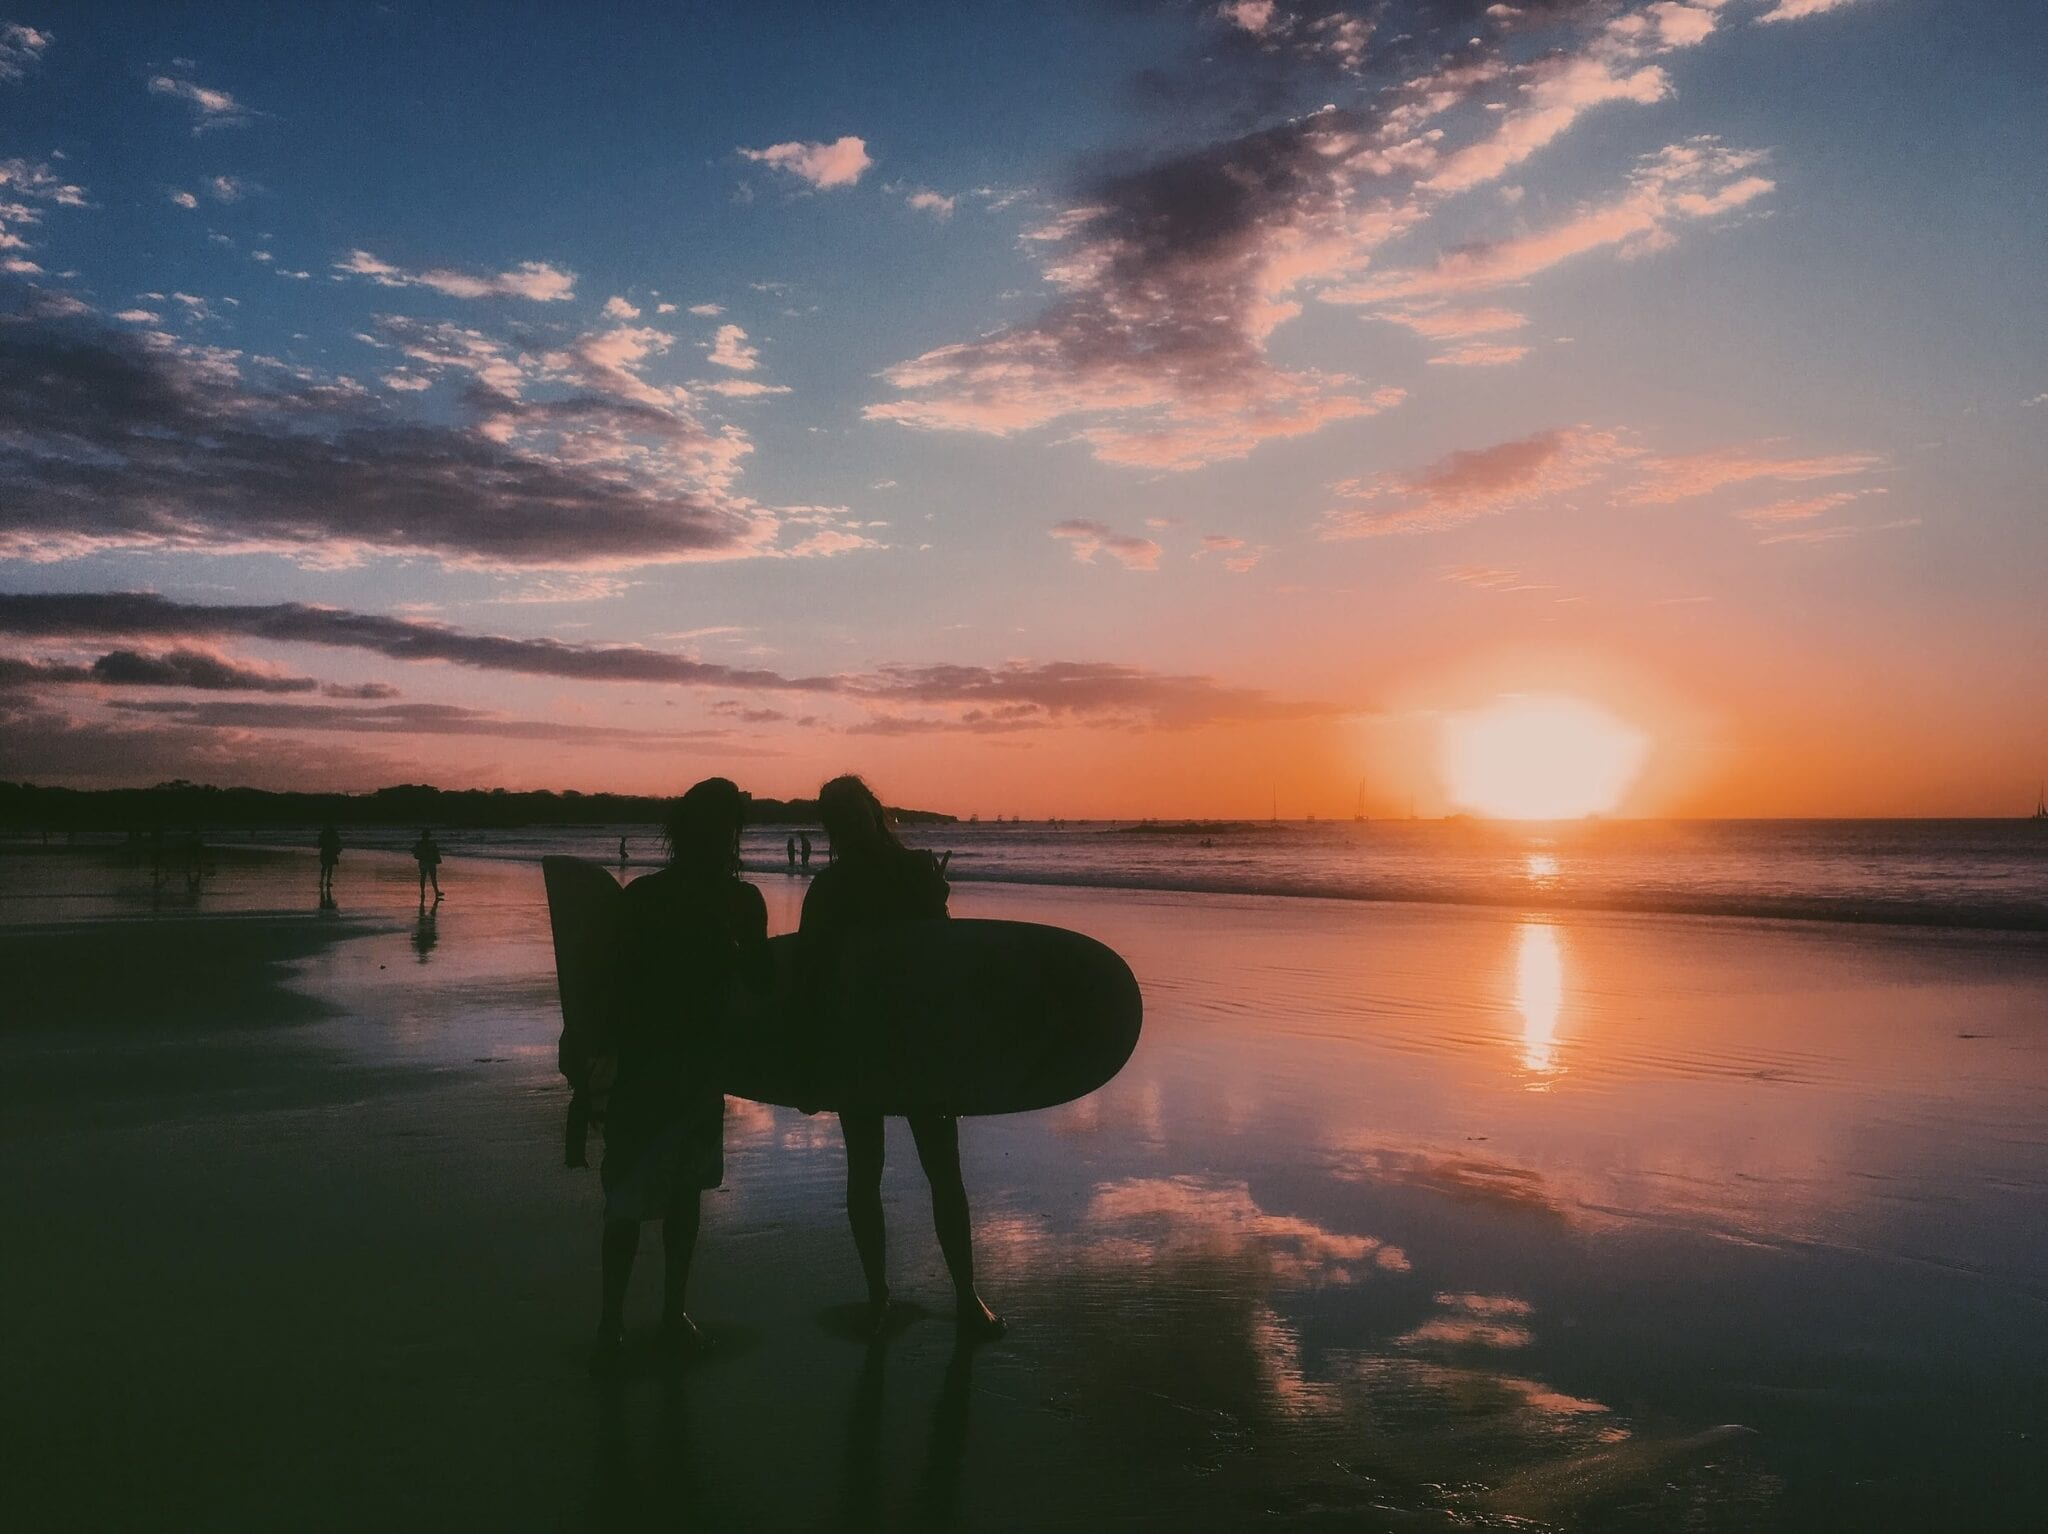 Sunset surfing at Playa Tamarindo.